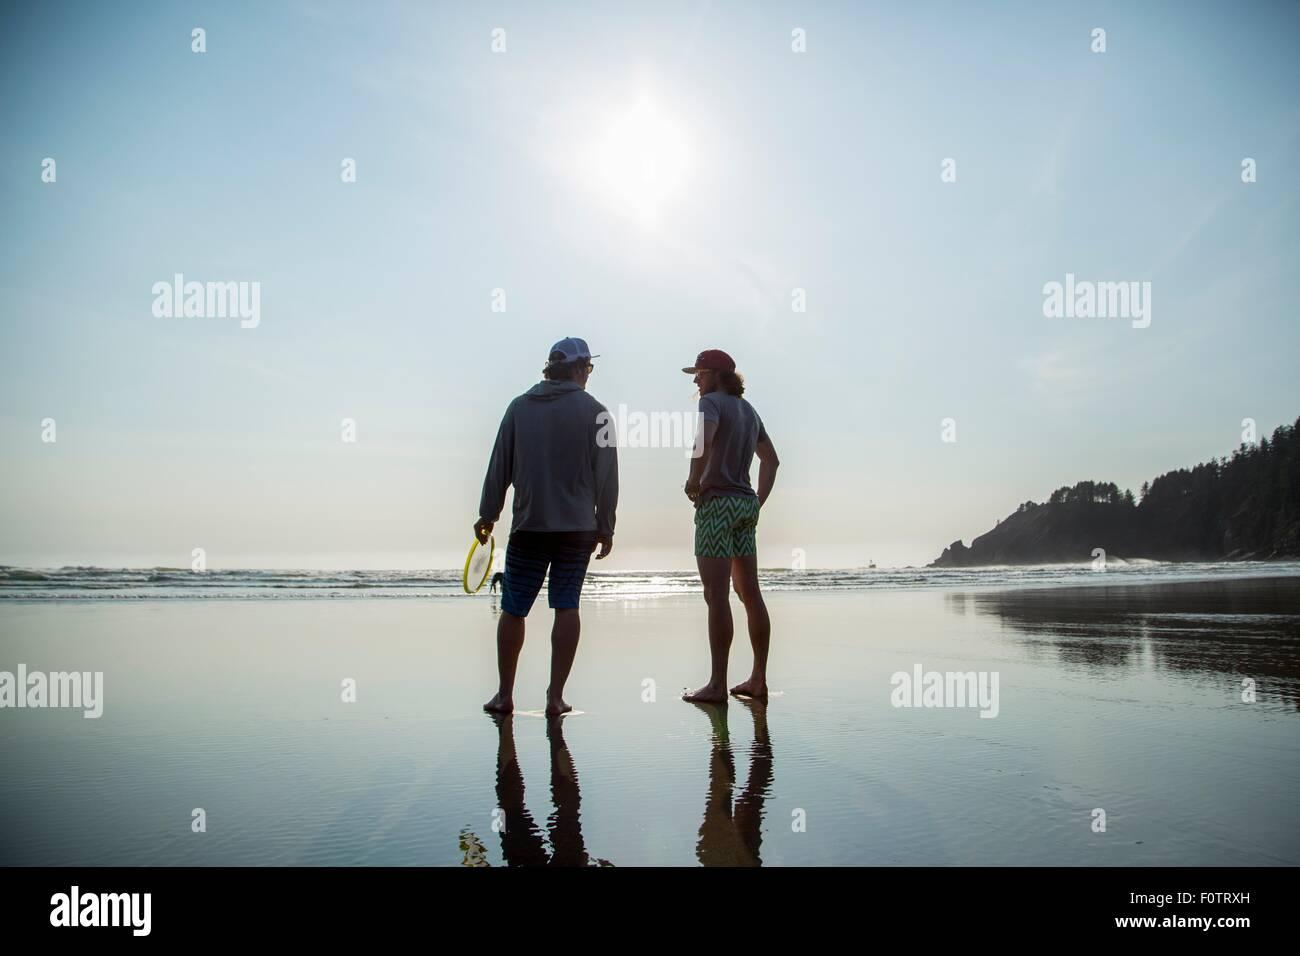 Silhouette Rückansicht von zwei jungen Männern, die im Chat auf Short Sands Beach, Oregon, USA Stockbild